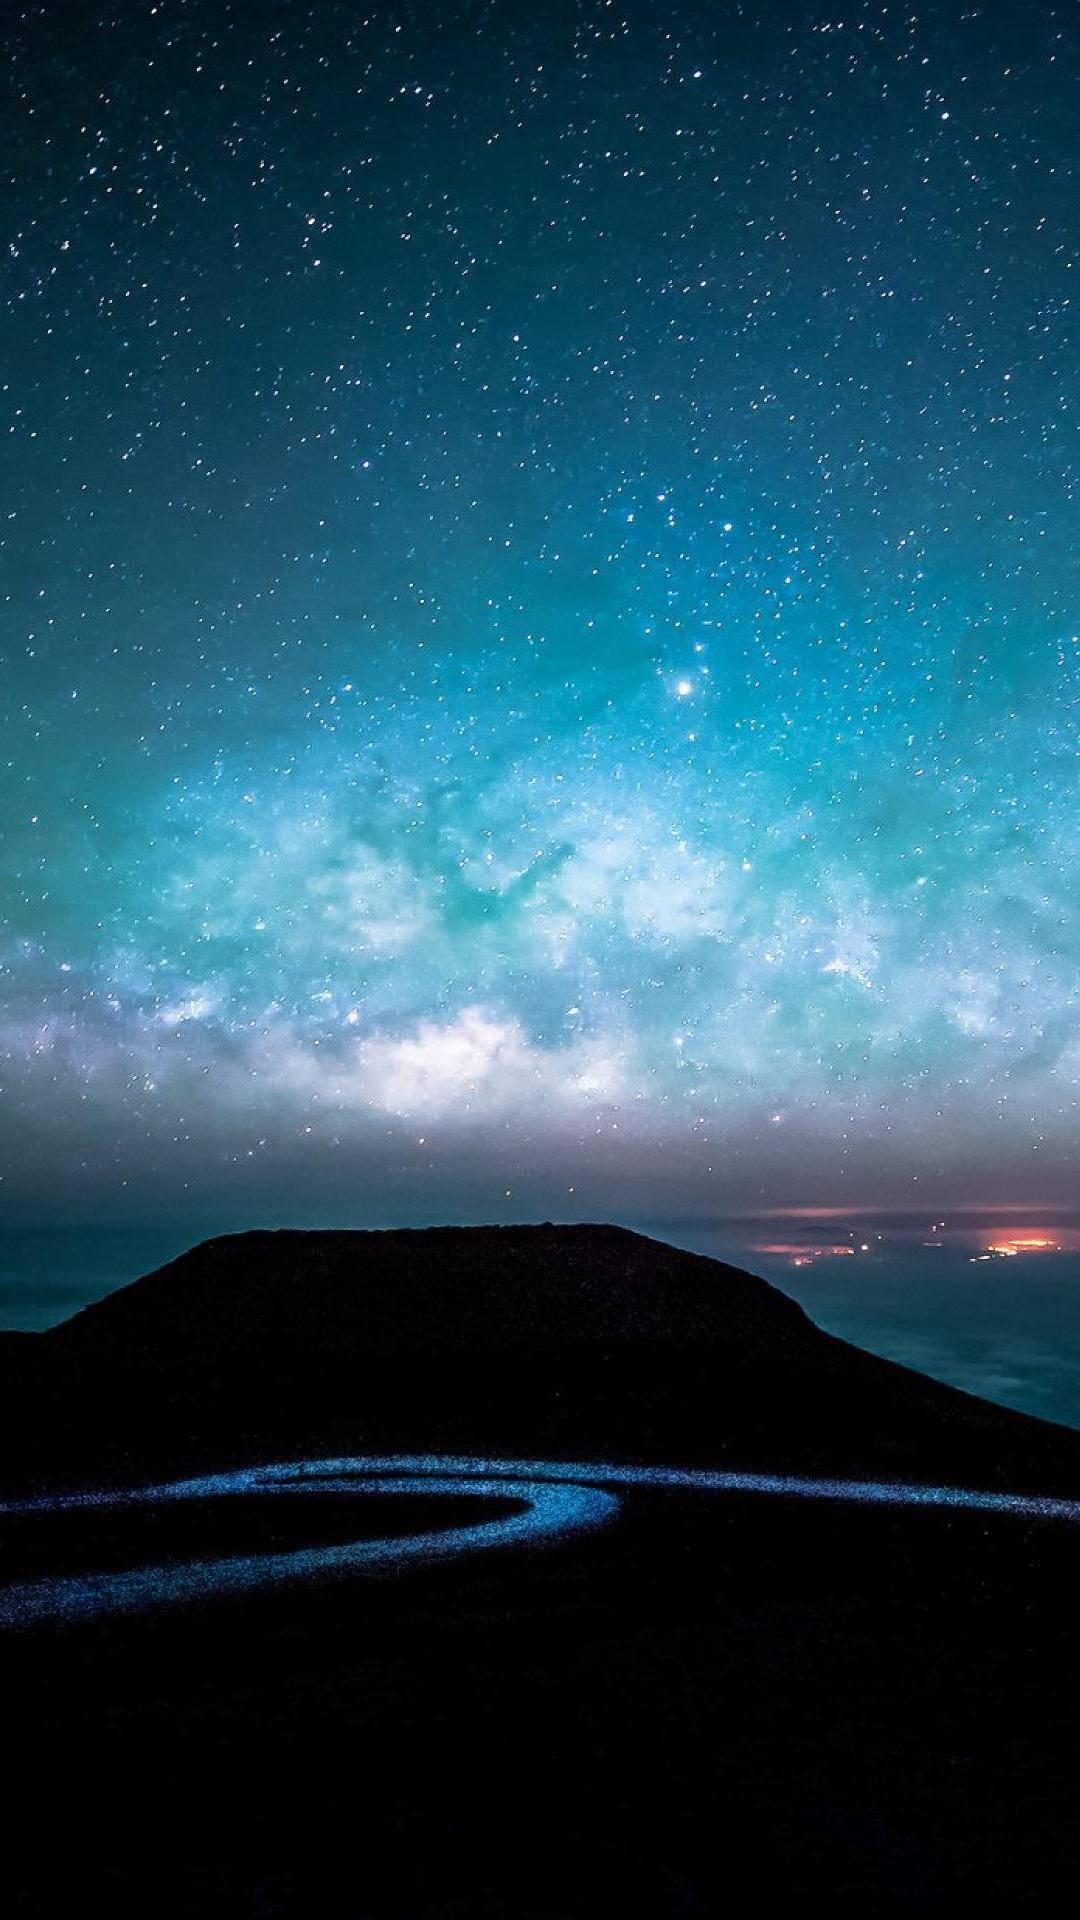 Sky Fantasy iPhone Wallpaper